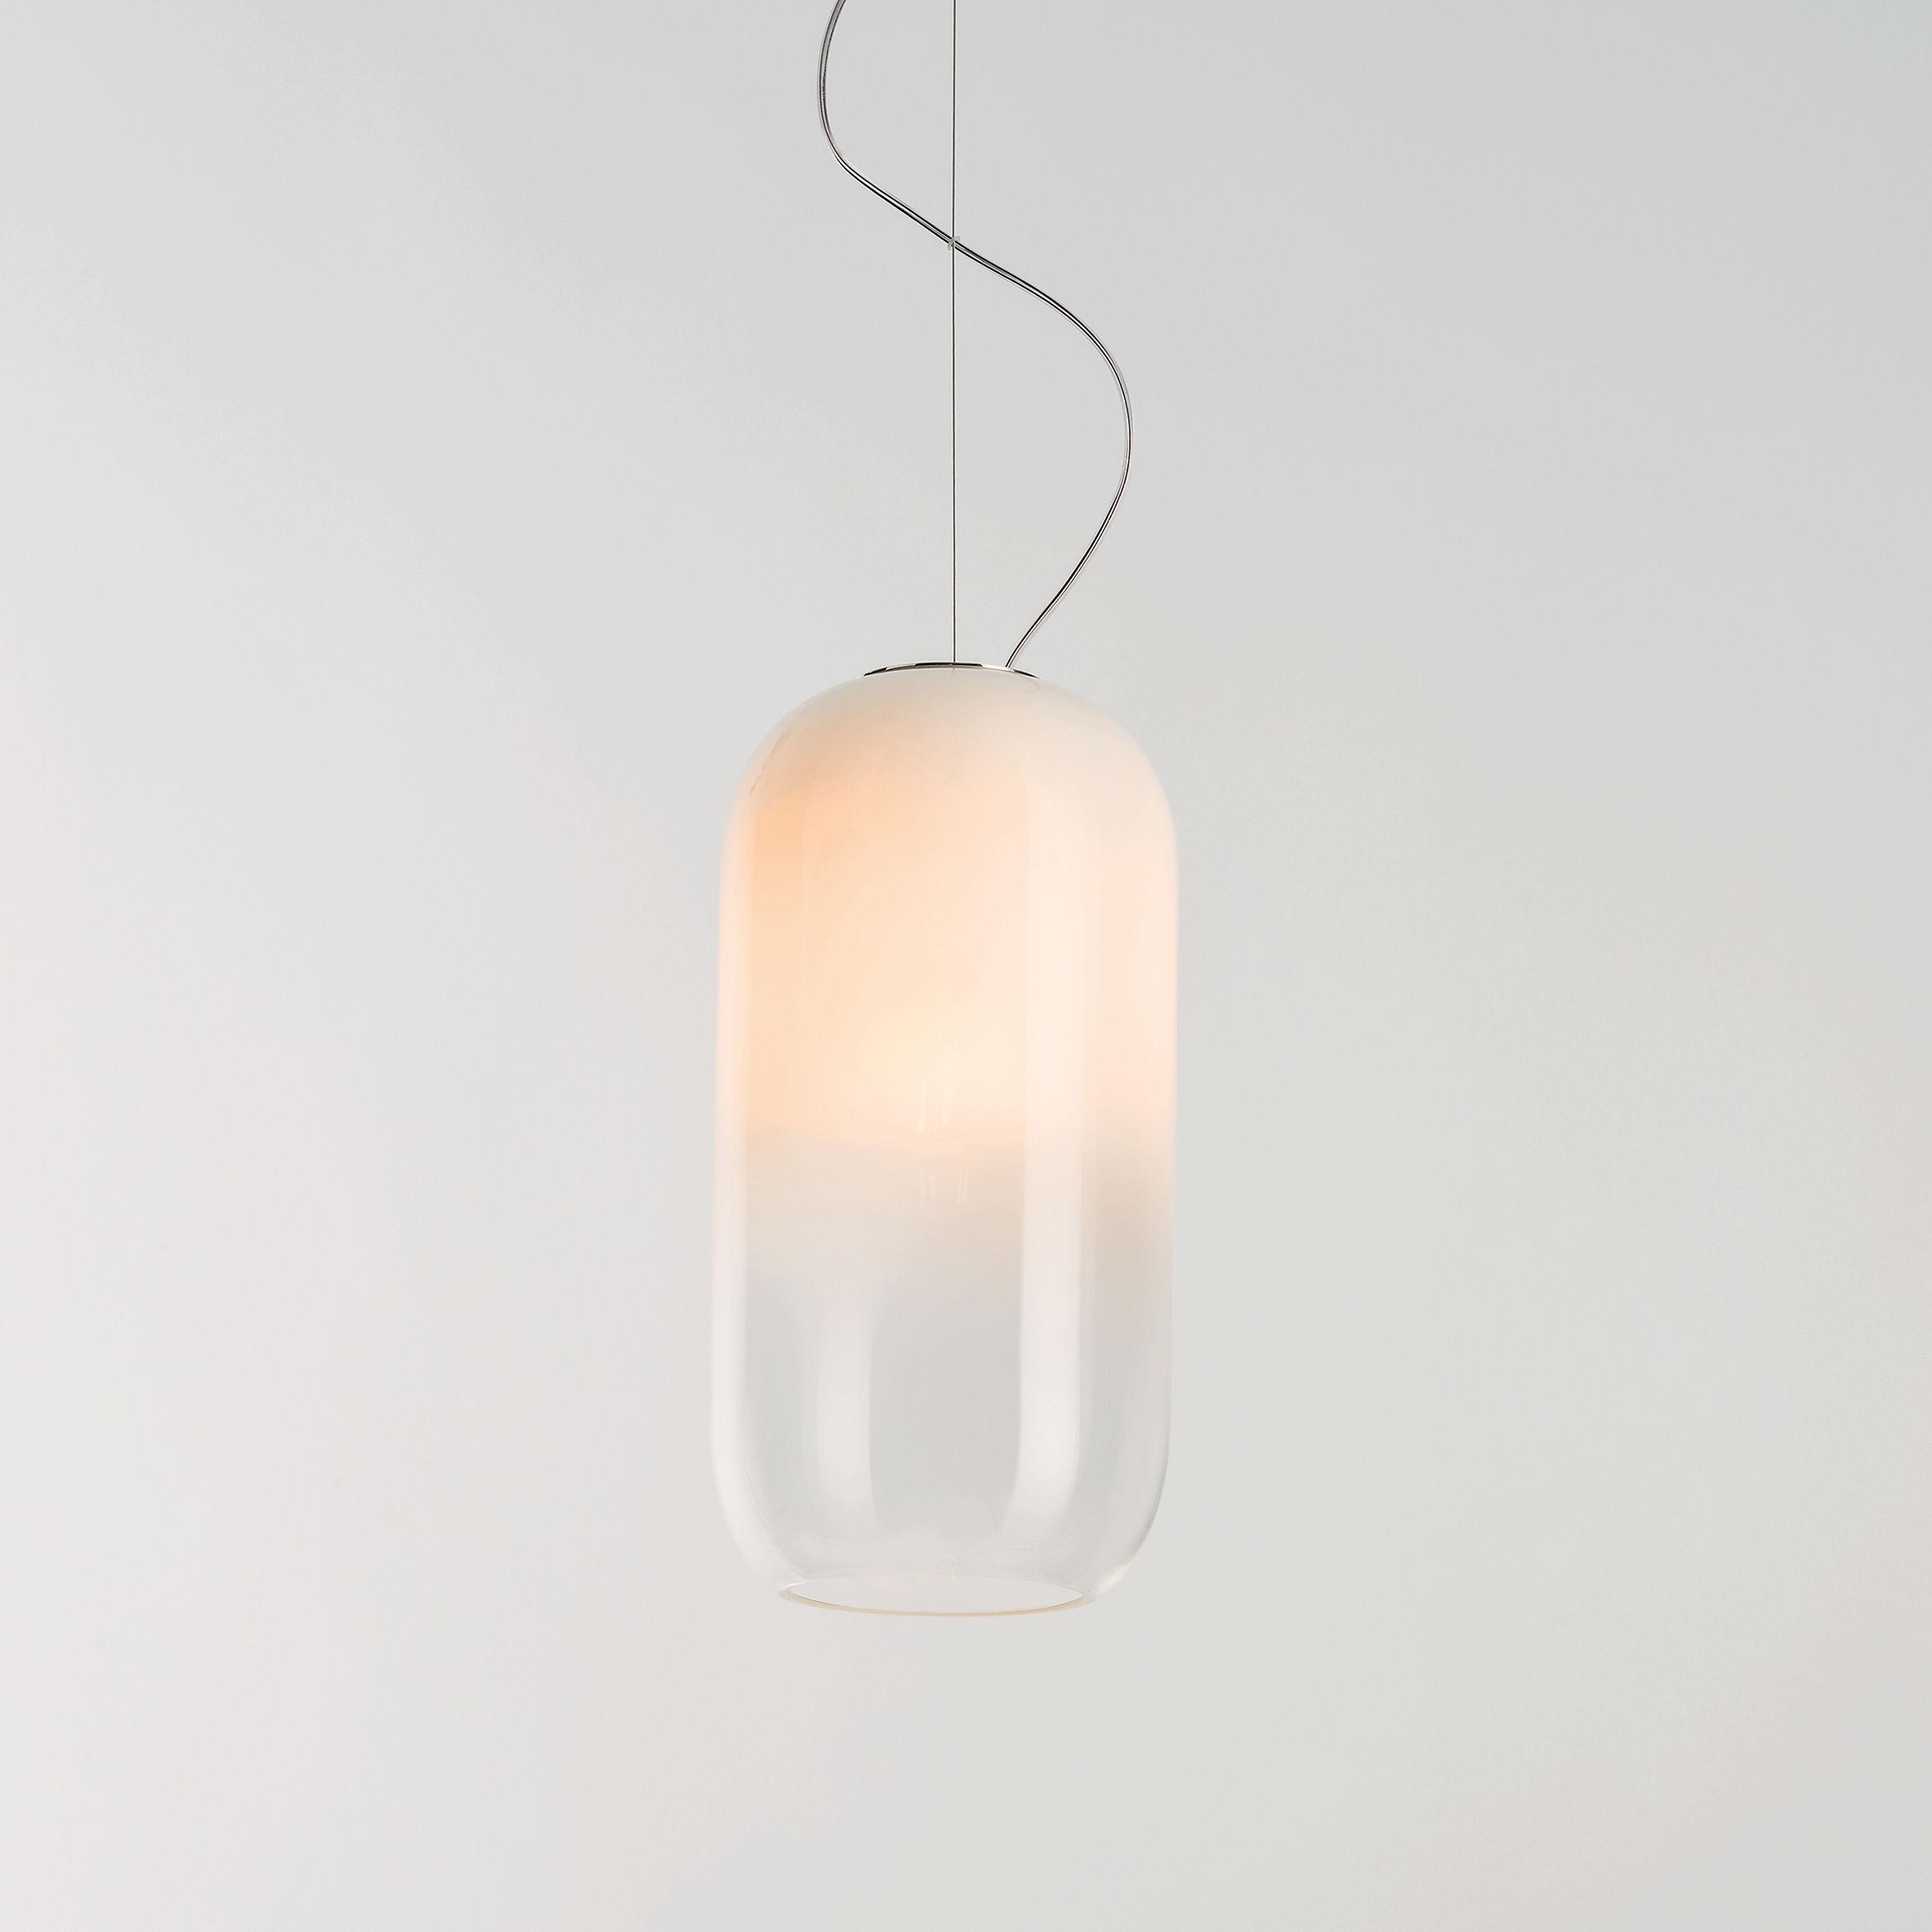 Luminaire - Suspensions - Suspension Gople LED RWB / Favorise la croissance des plantes - Artemide - Blanc / Dégradé transparent - Aluminium, Verre soufflé